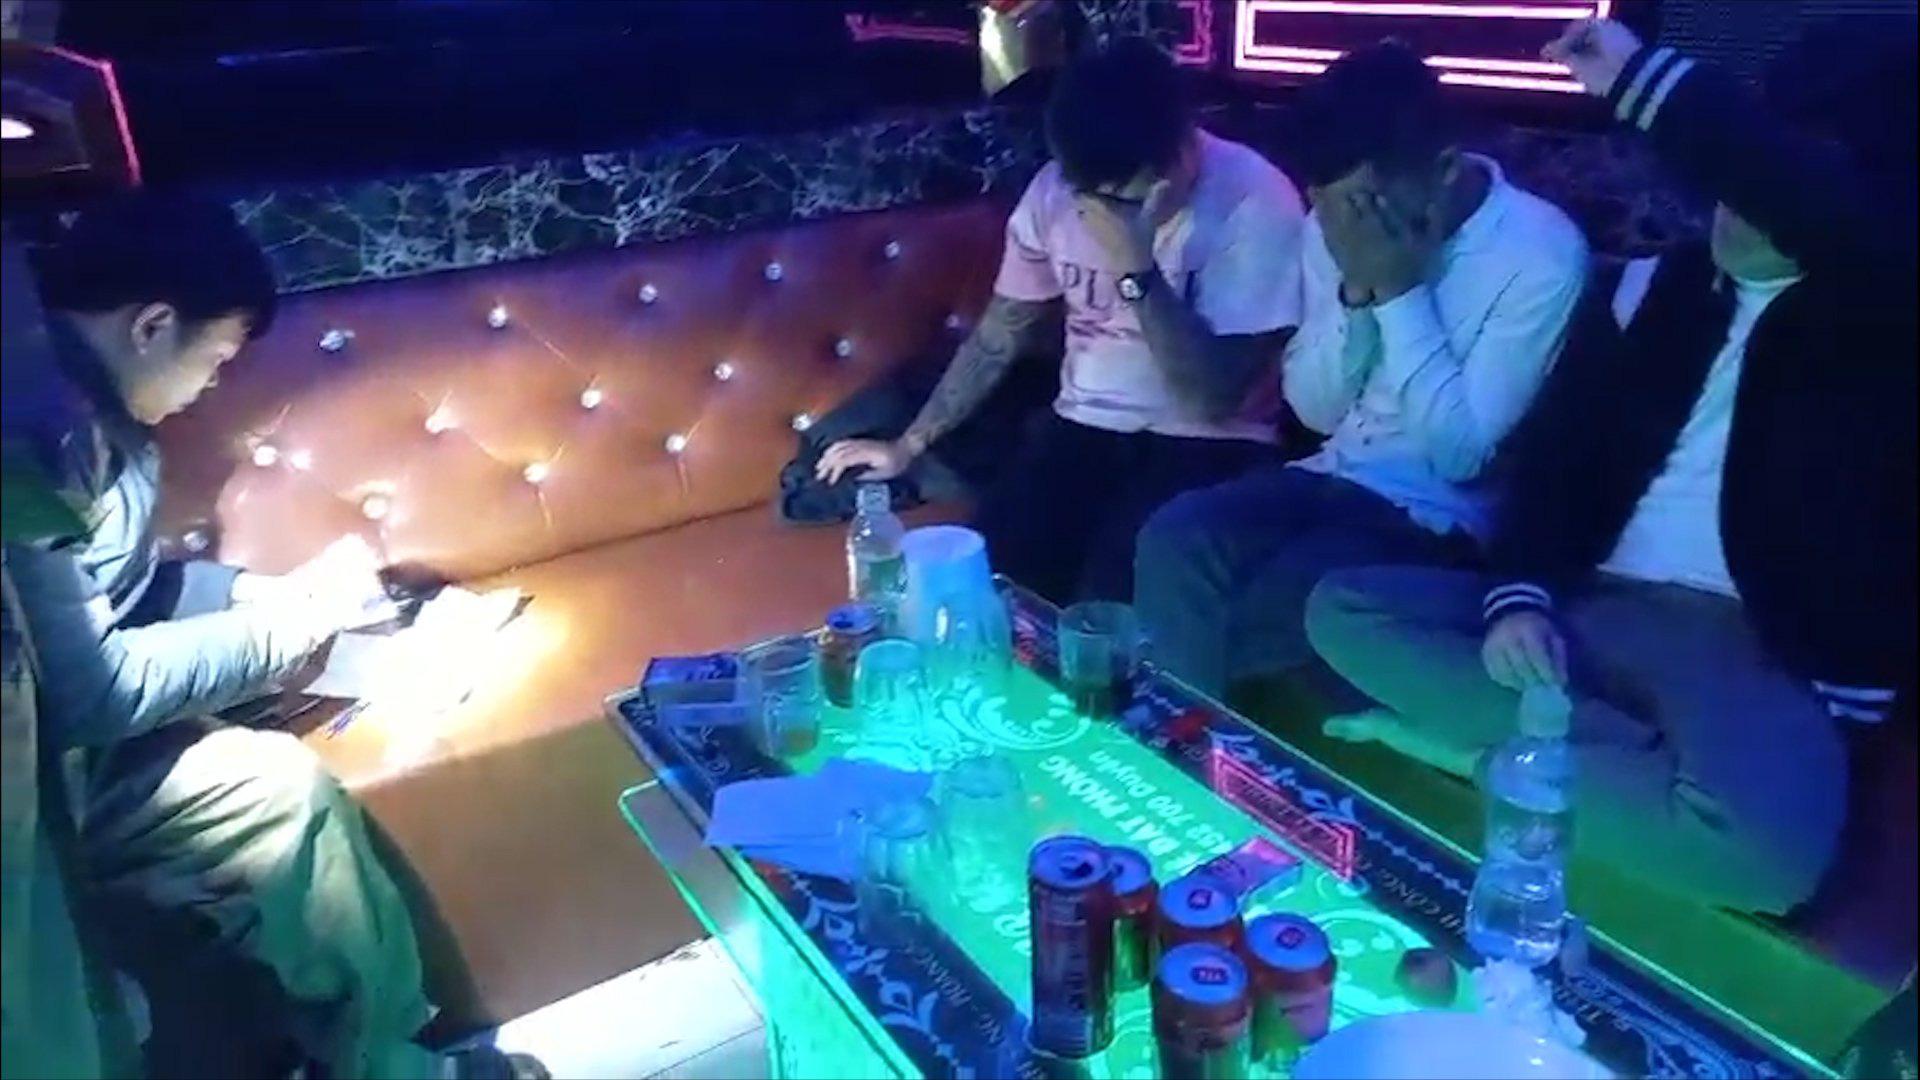 Kiểm tra quán Karaoke, phát hiện 16 đối tượng dương tính ma túy - Ảnh 1.